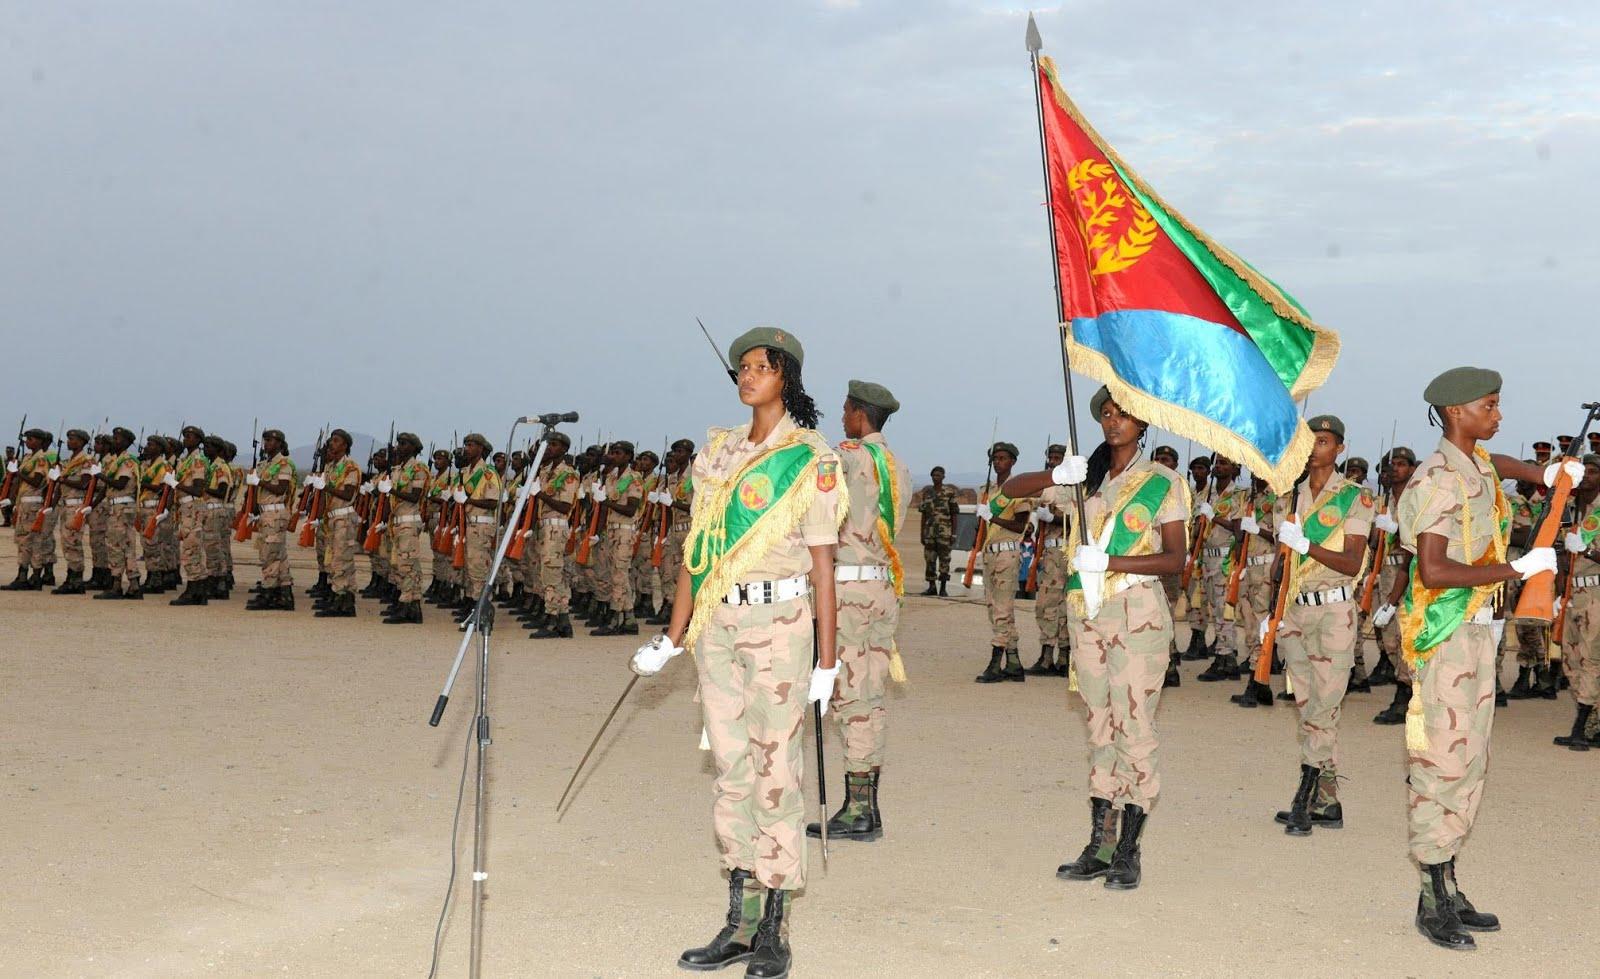 sawa+eritrea